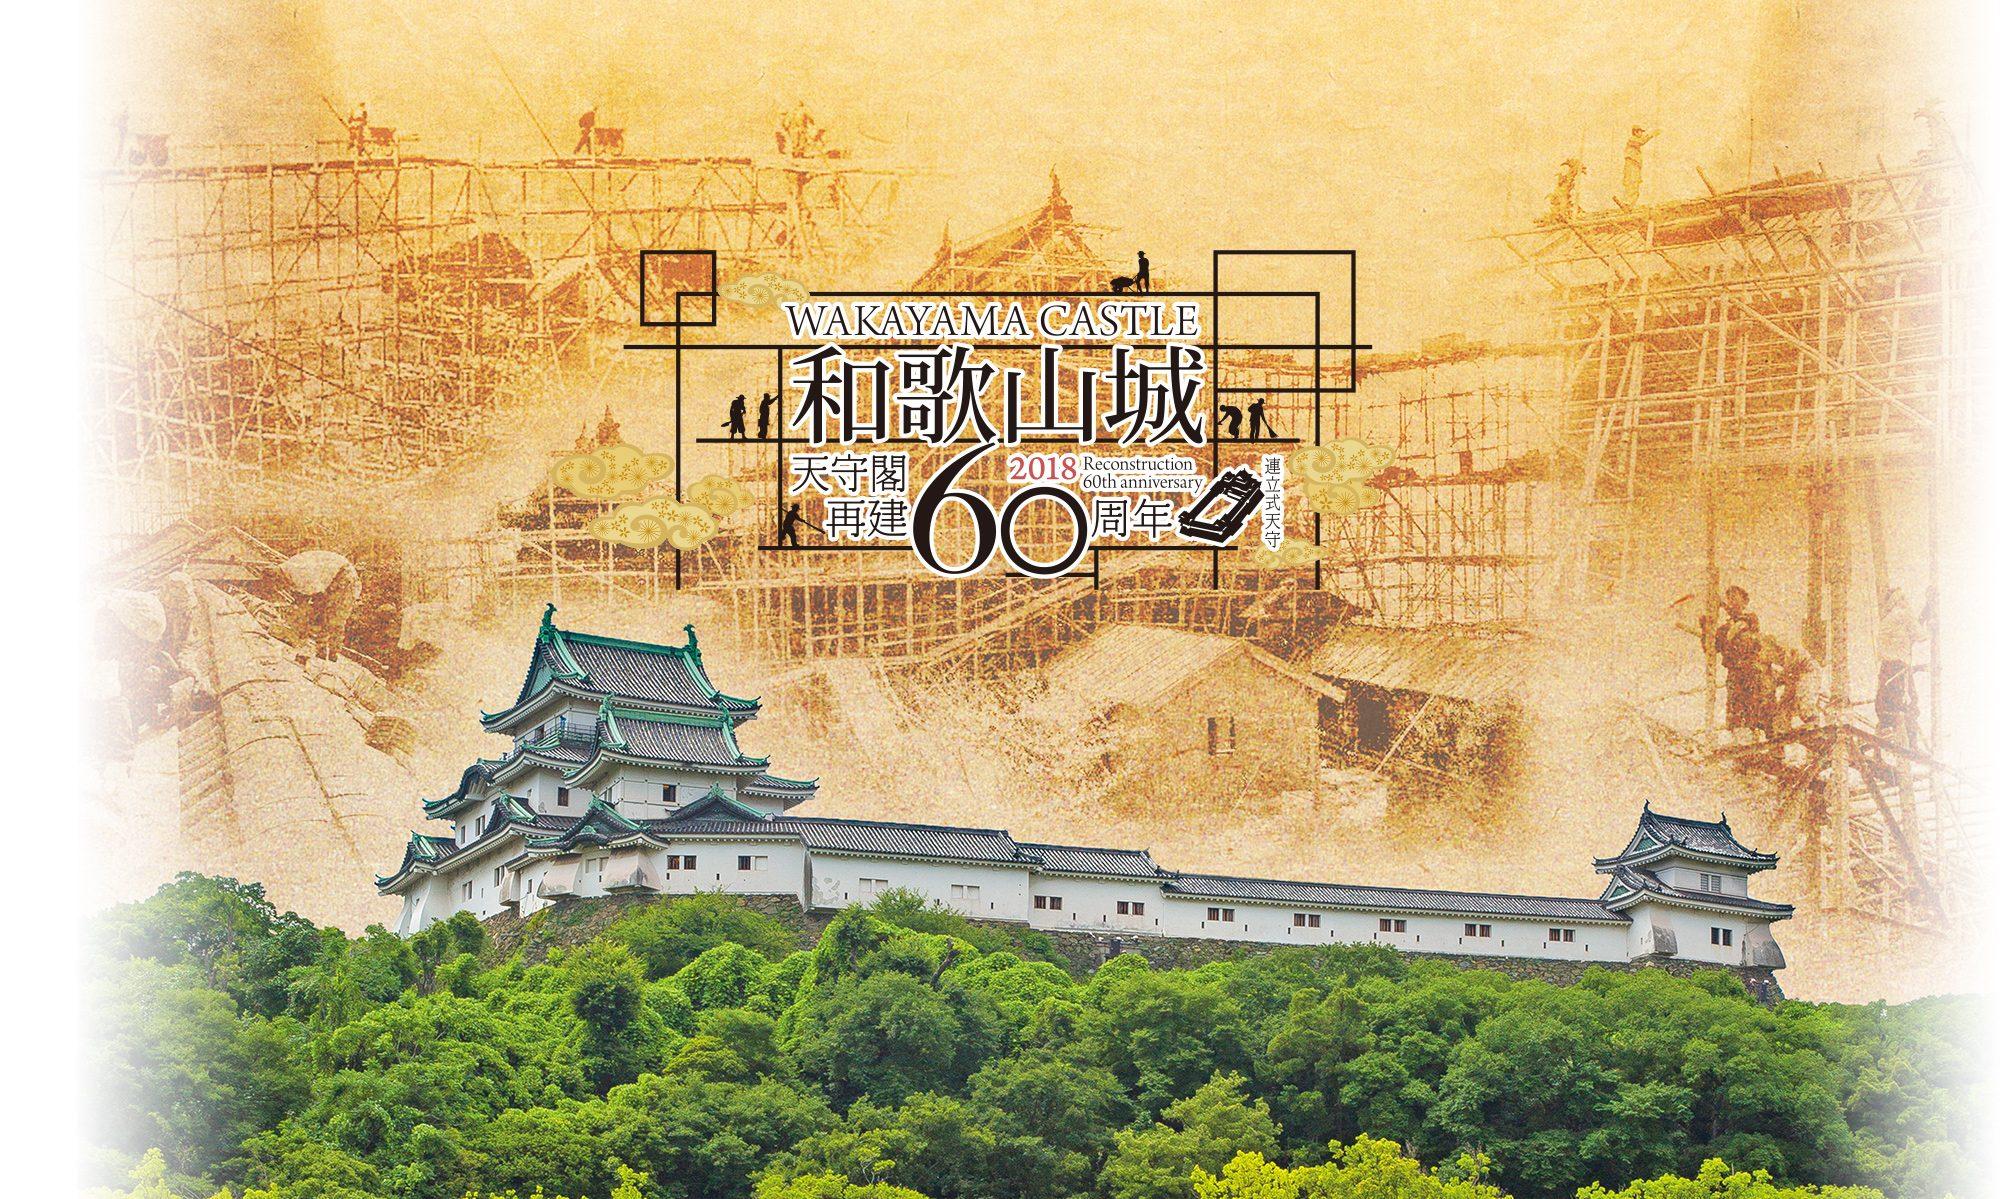 和歌山城天守閣再建60周年記念